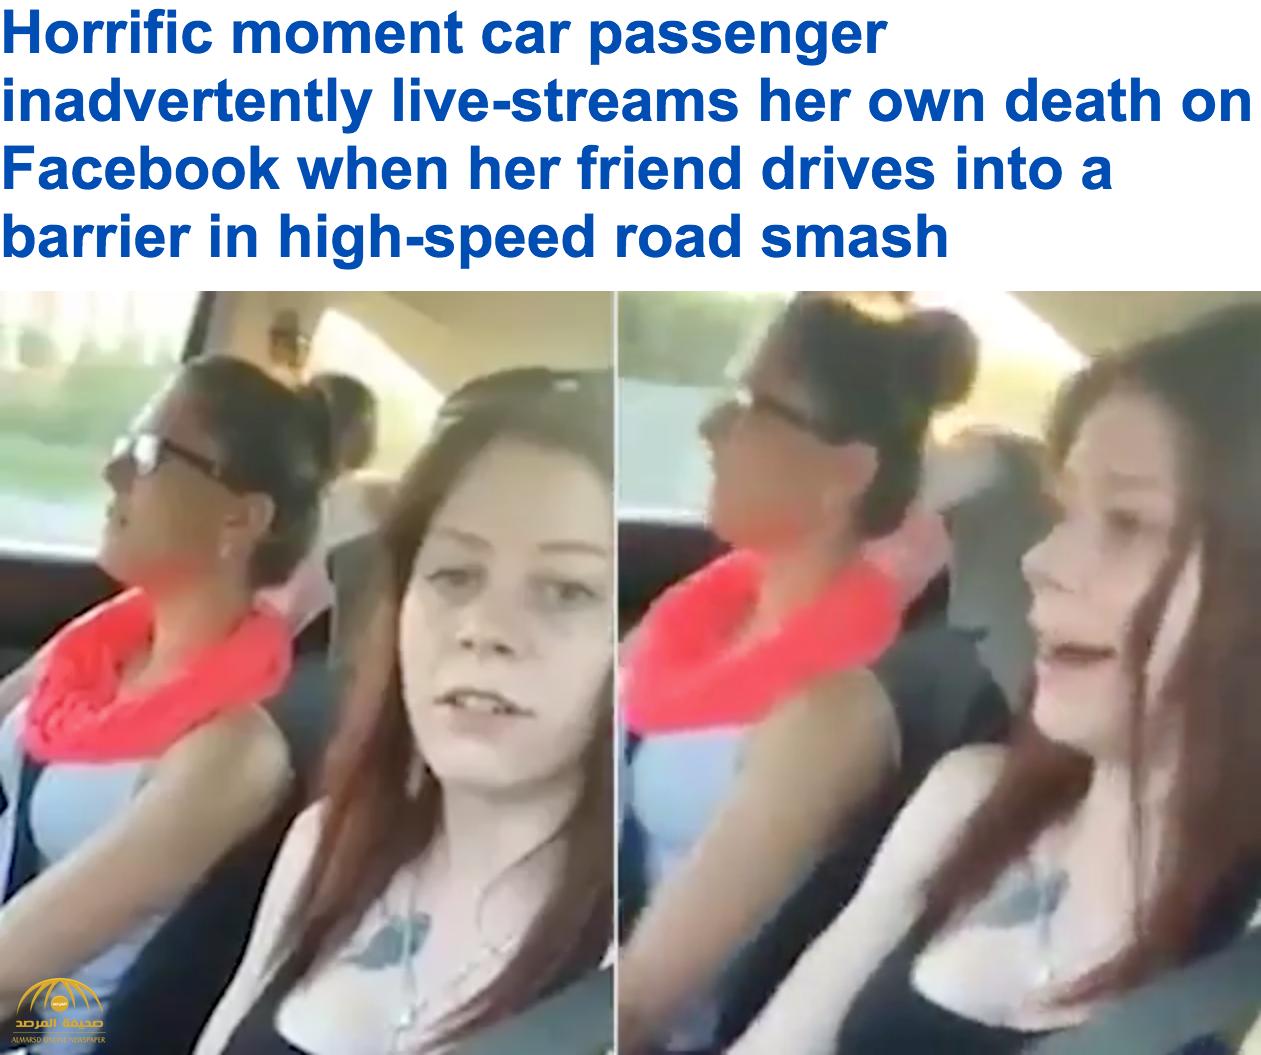 شاهد بالفيديو:شابة توثق موتها بحادث مروع على فيسبوك!